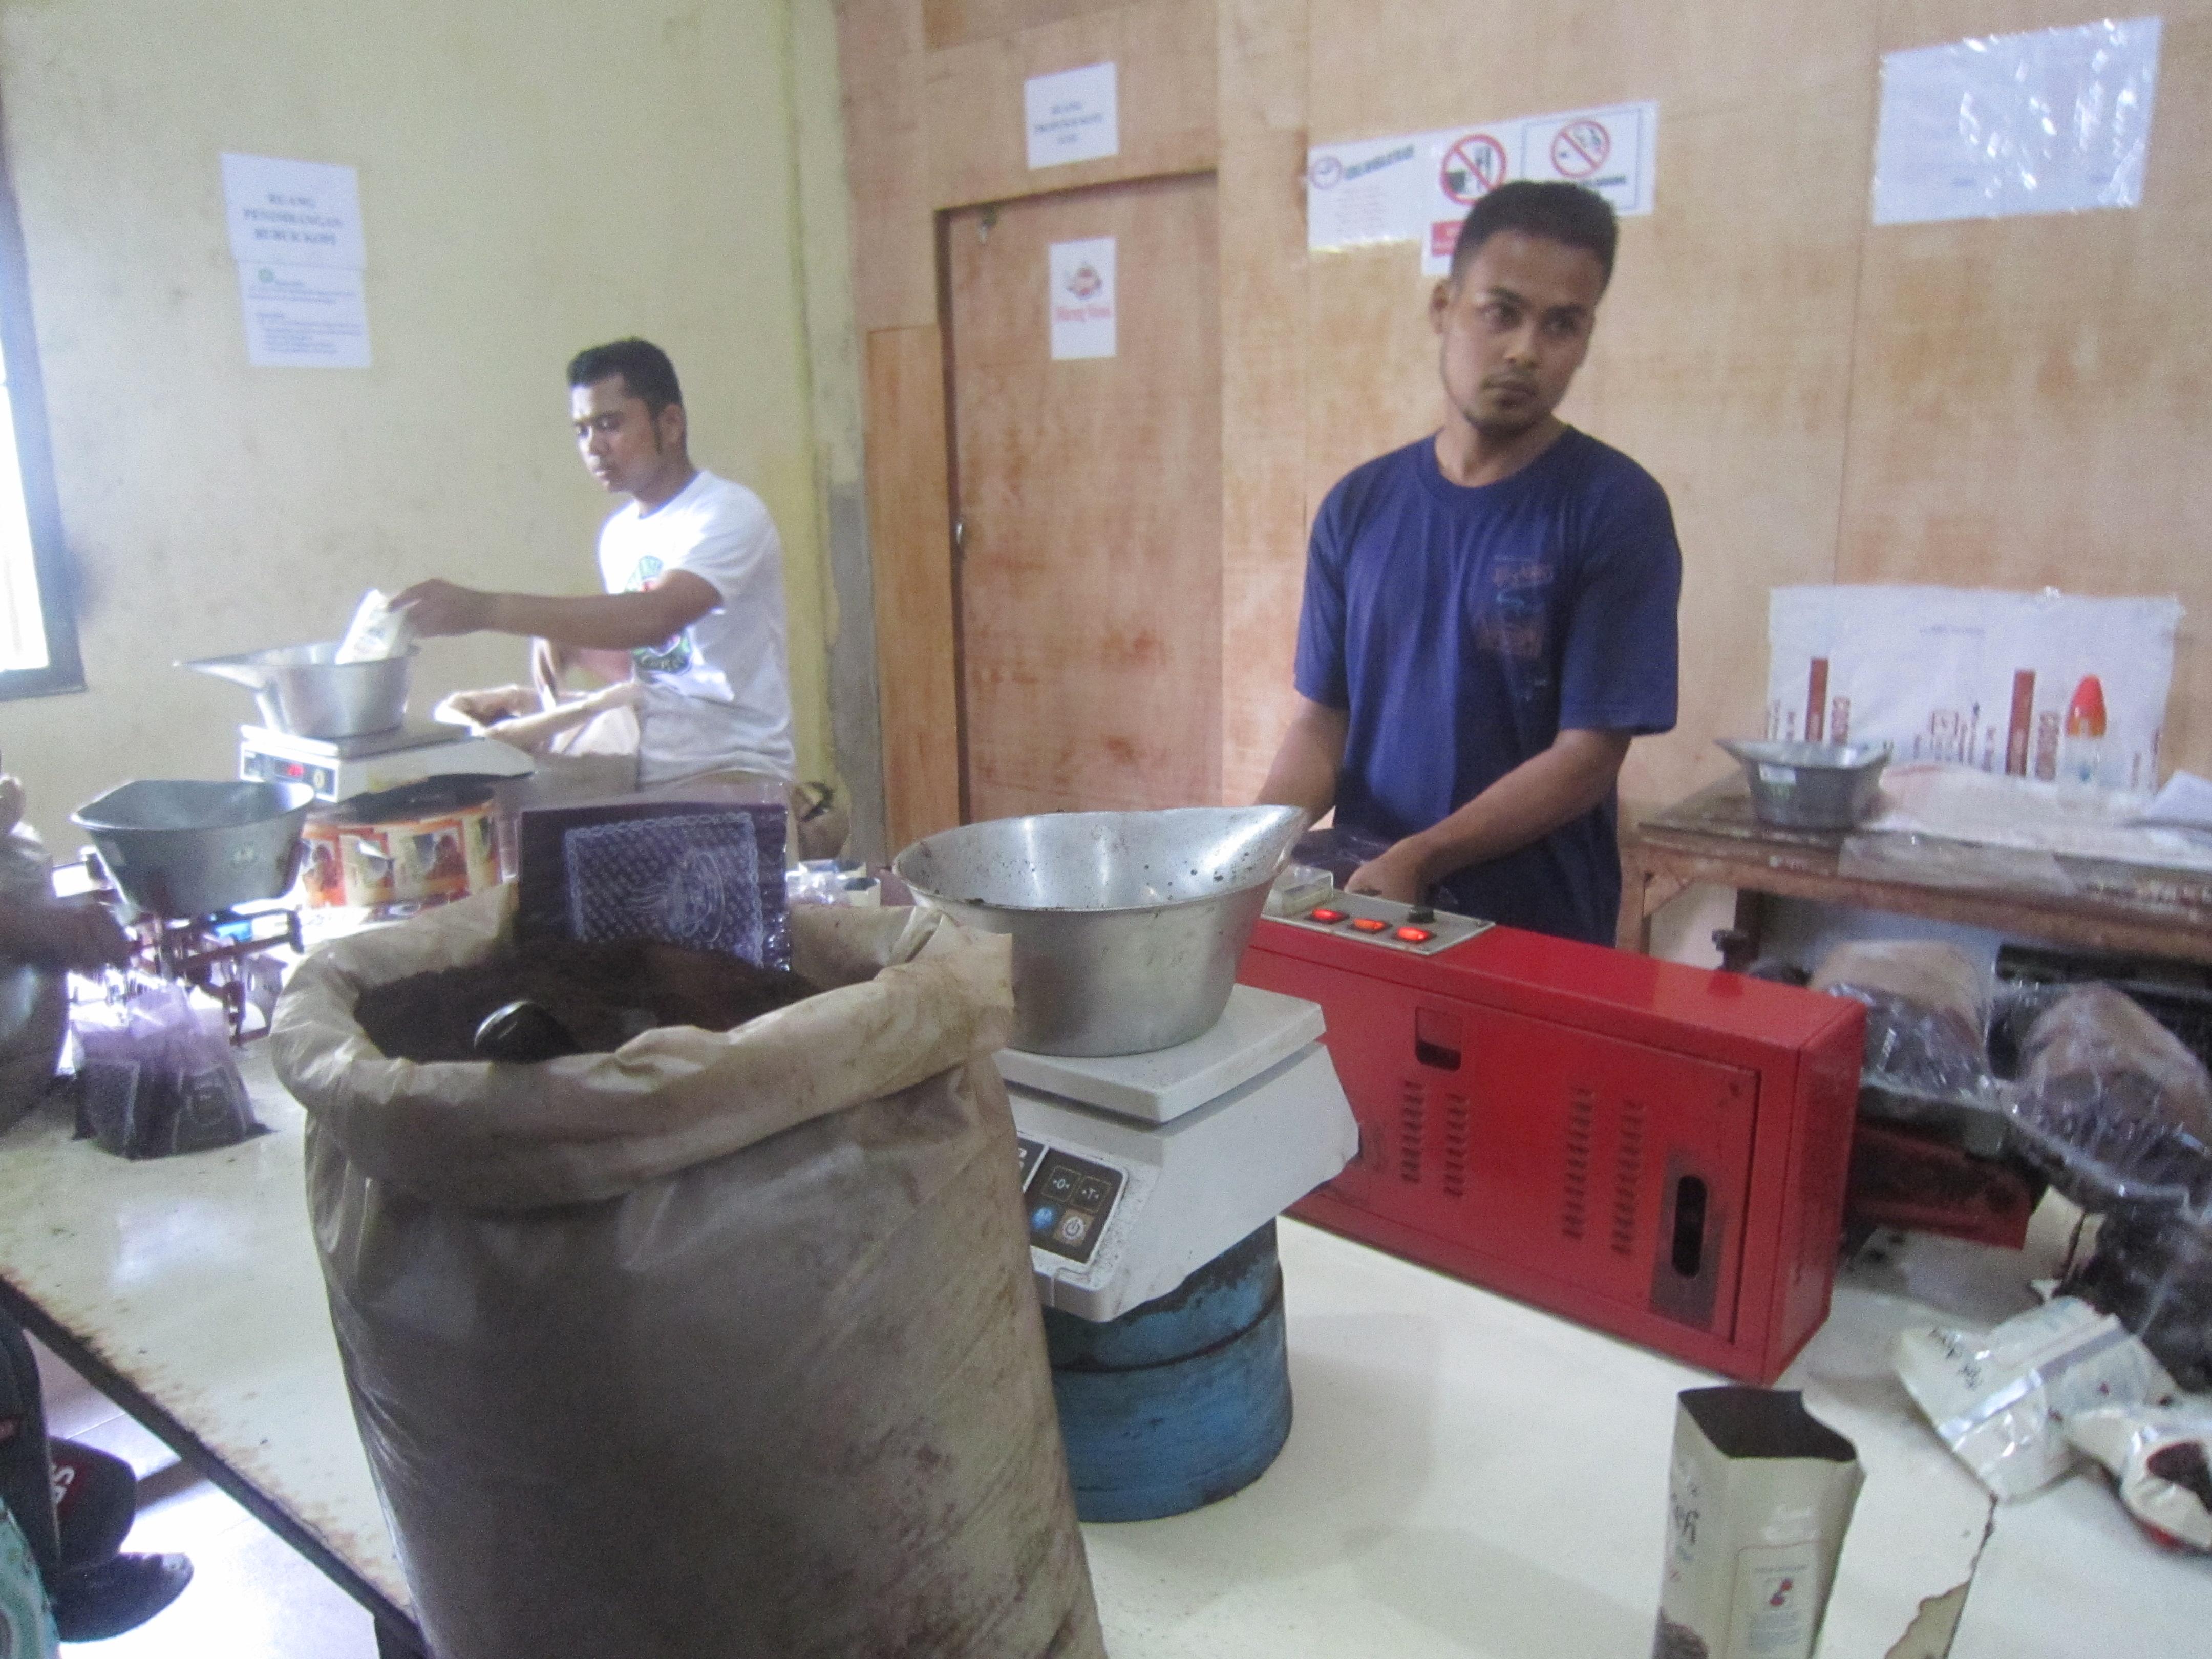 Producziun da café.